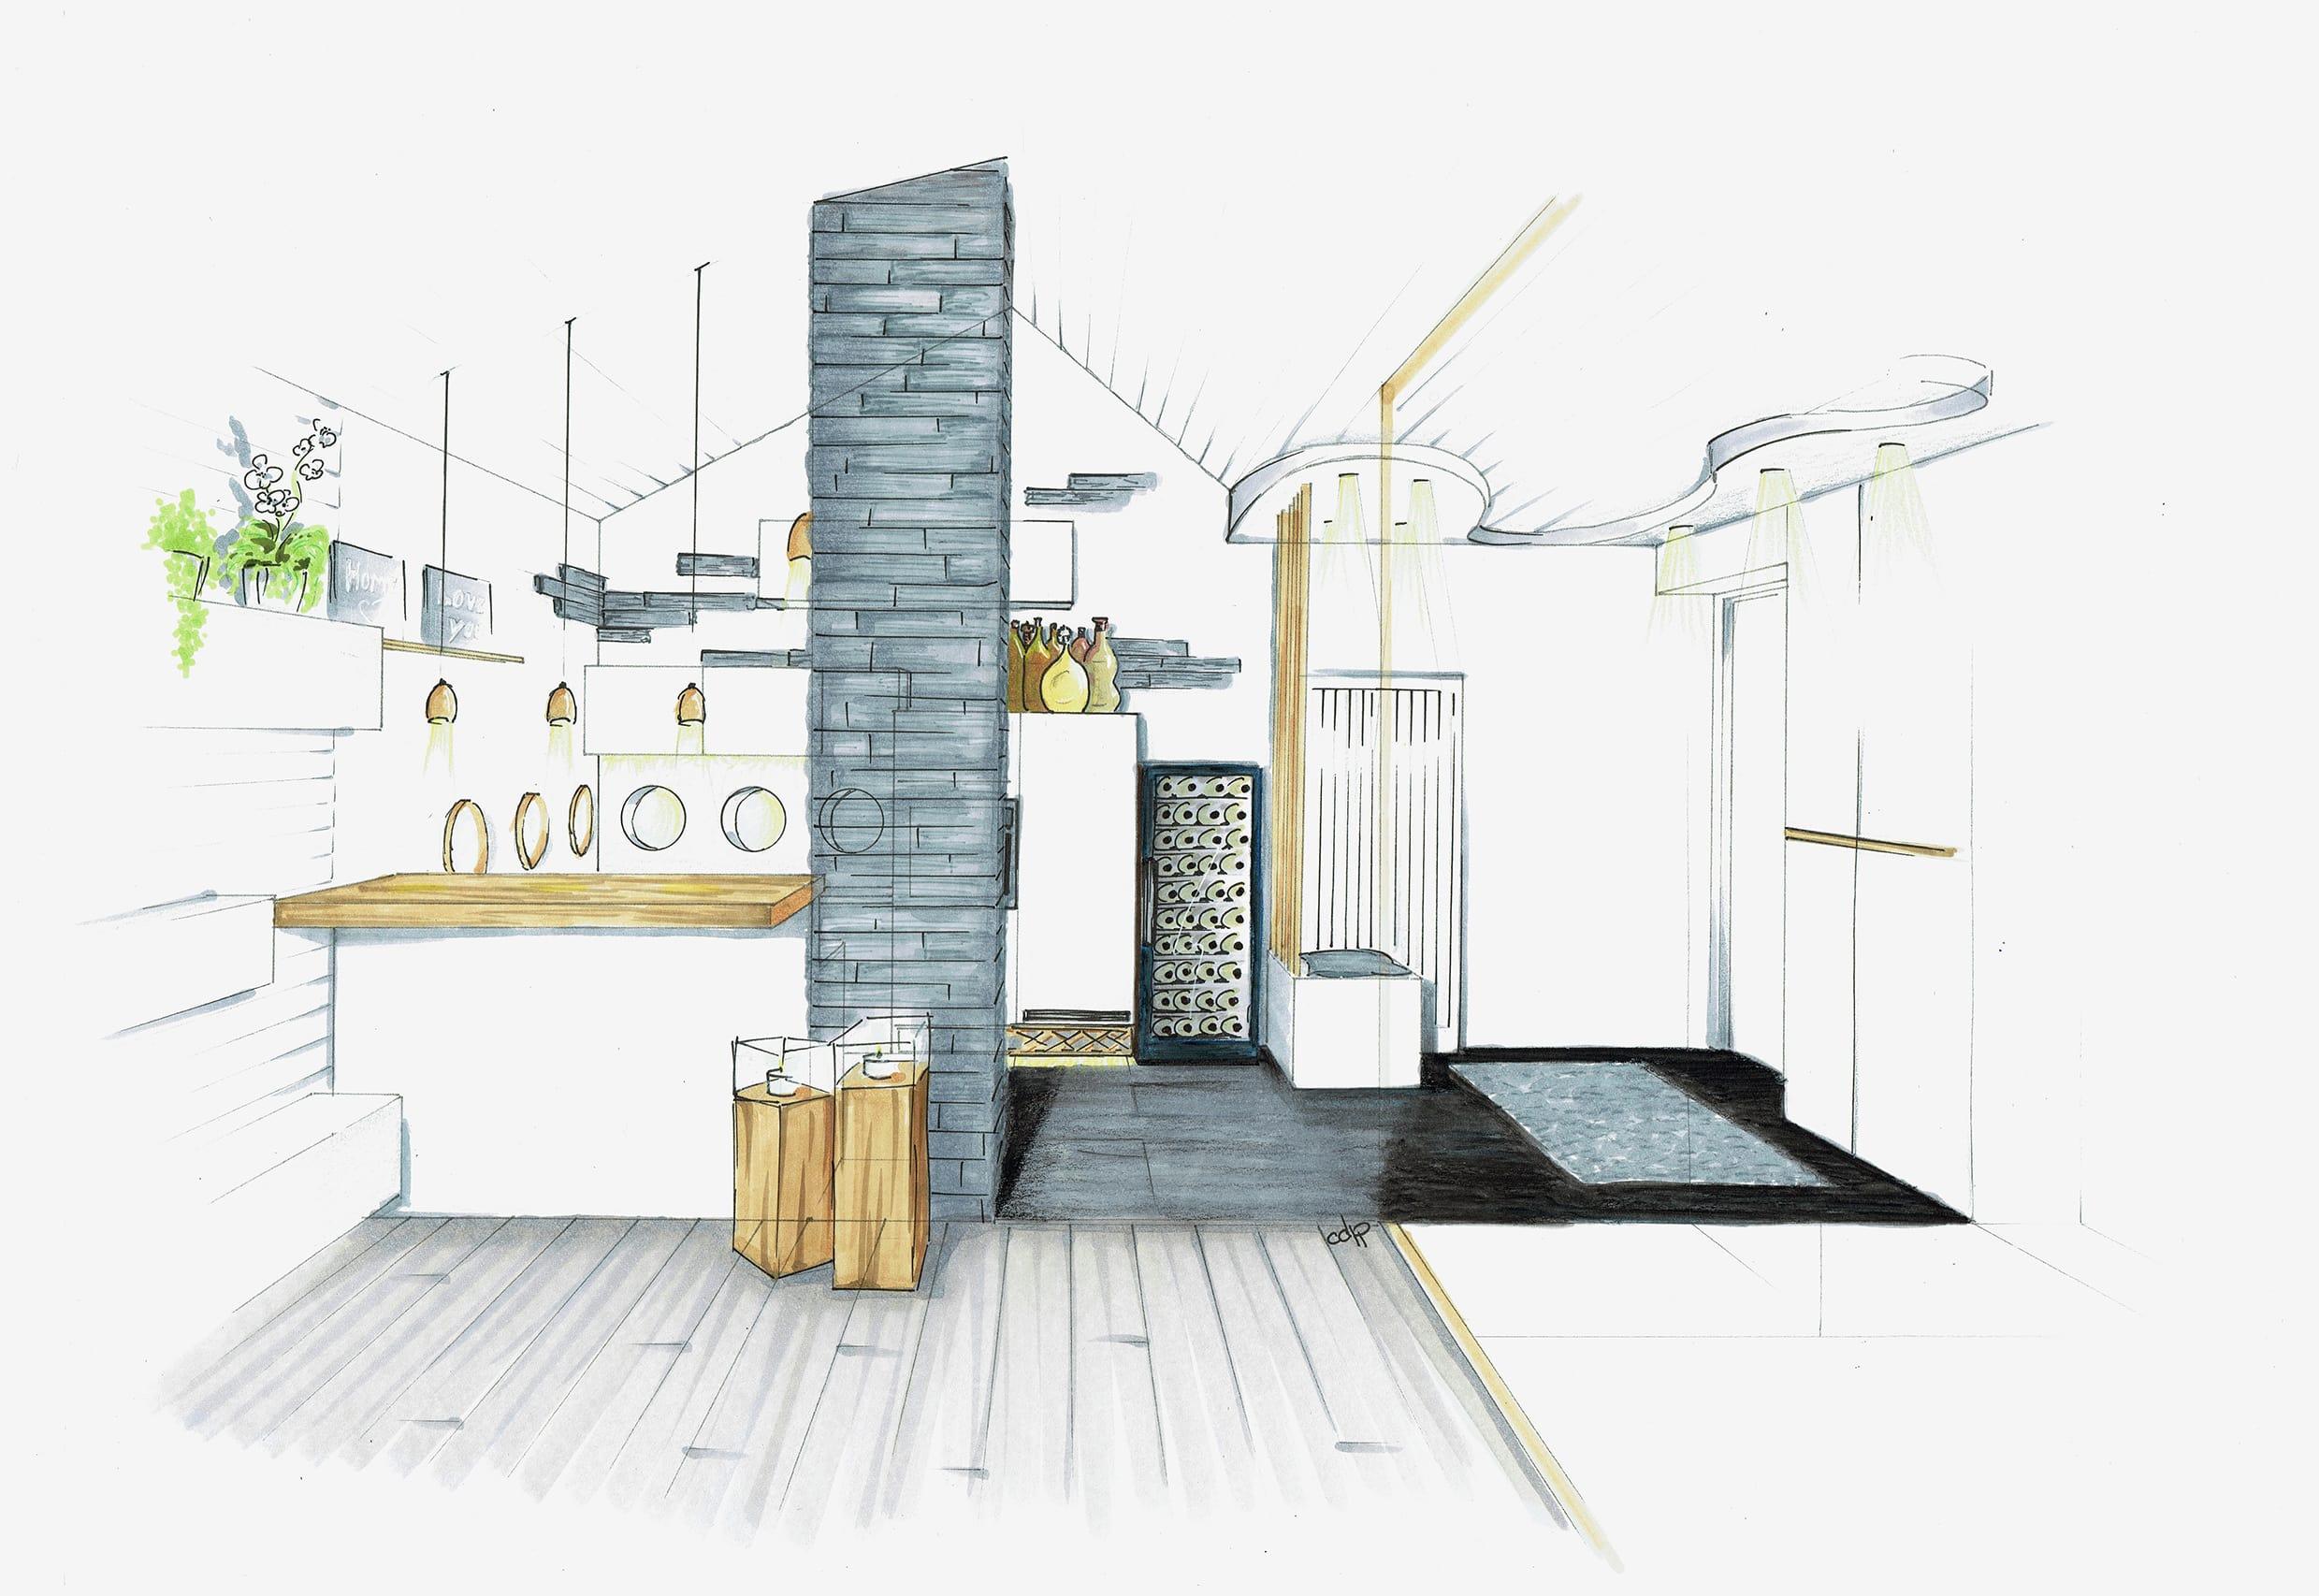 cdlp design interieur, interior designer, architecture interieur, decoration interieur, profil, croquis